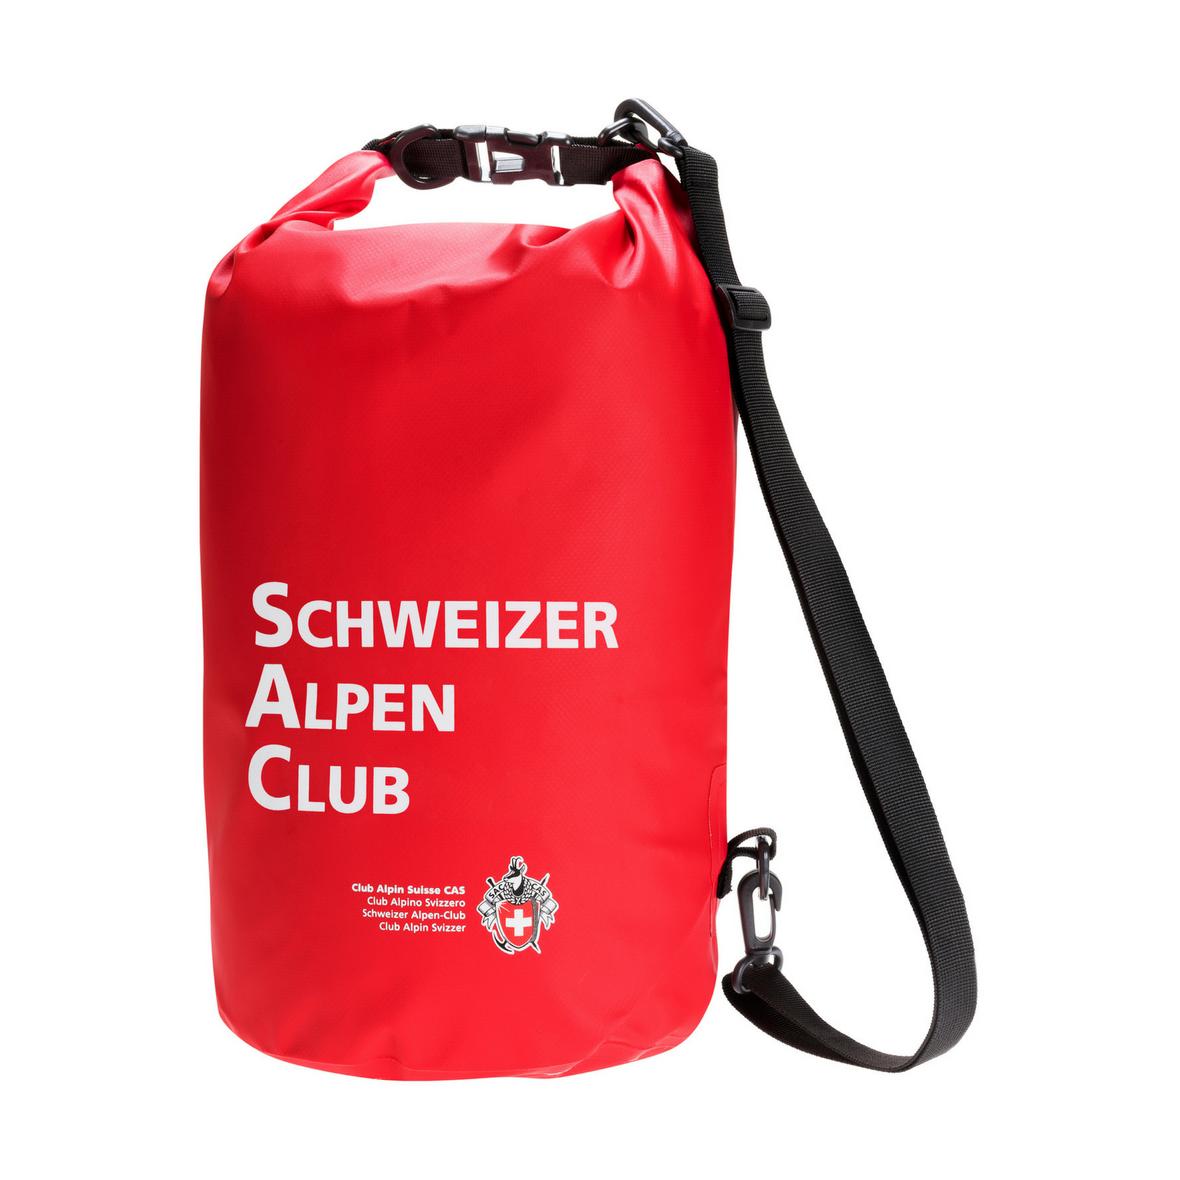 Wasserabweisender Dry Bag 15 Liter mit Aufdruck Schweizer Alpen Club